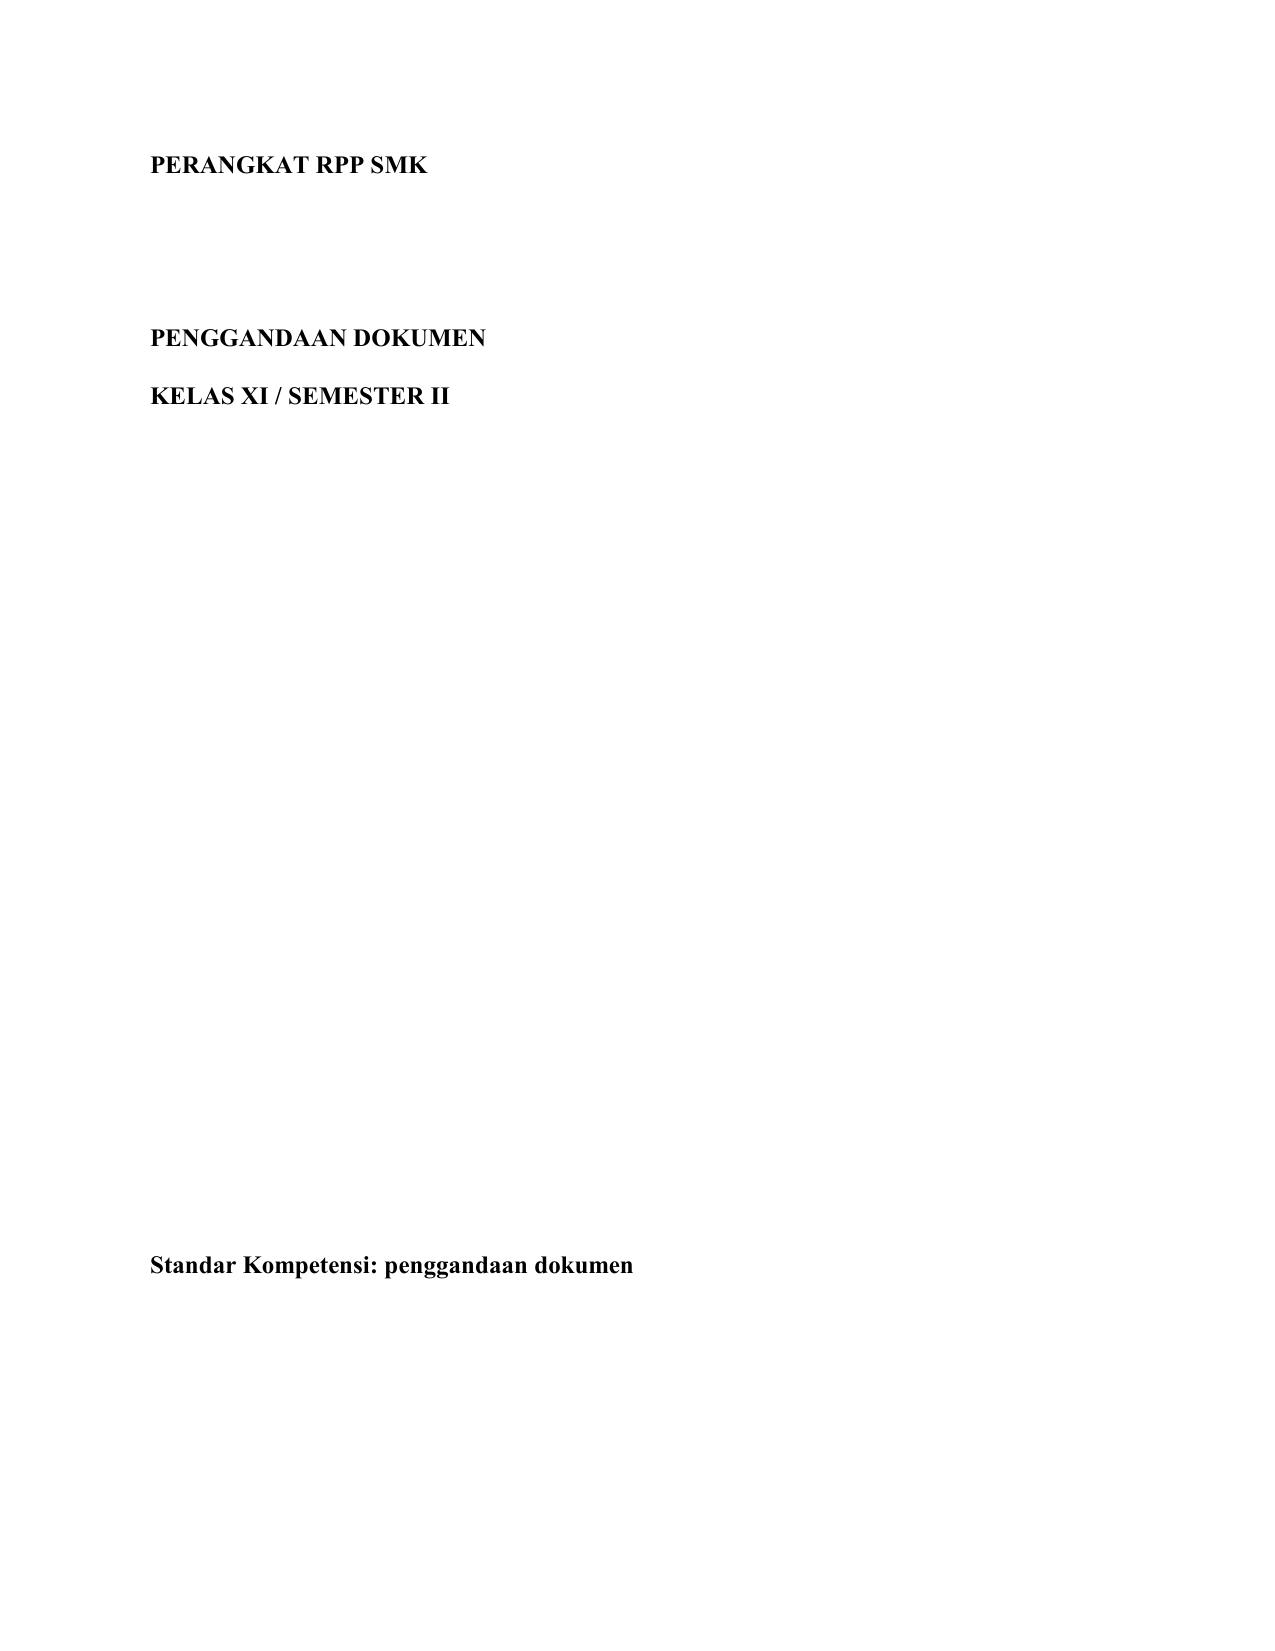 Macam Macam Alat Penggandaan Dokumen - Dokumen Pilihan